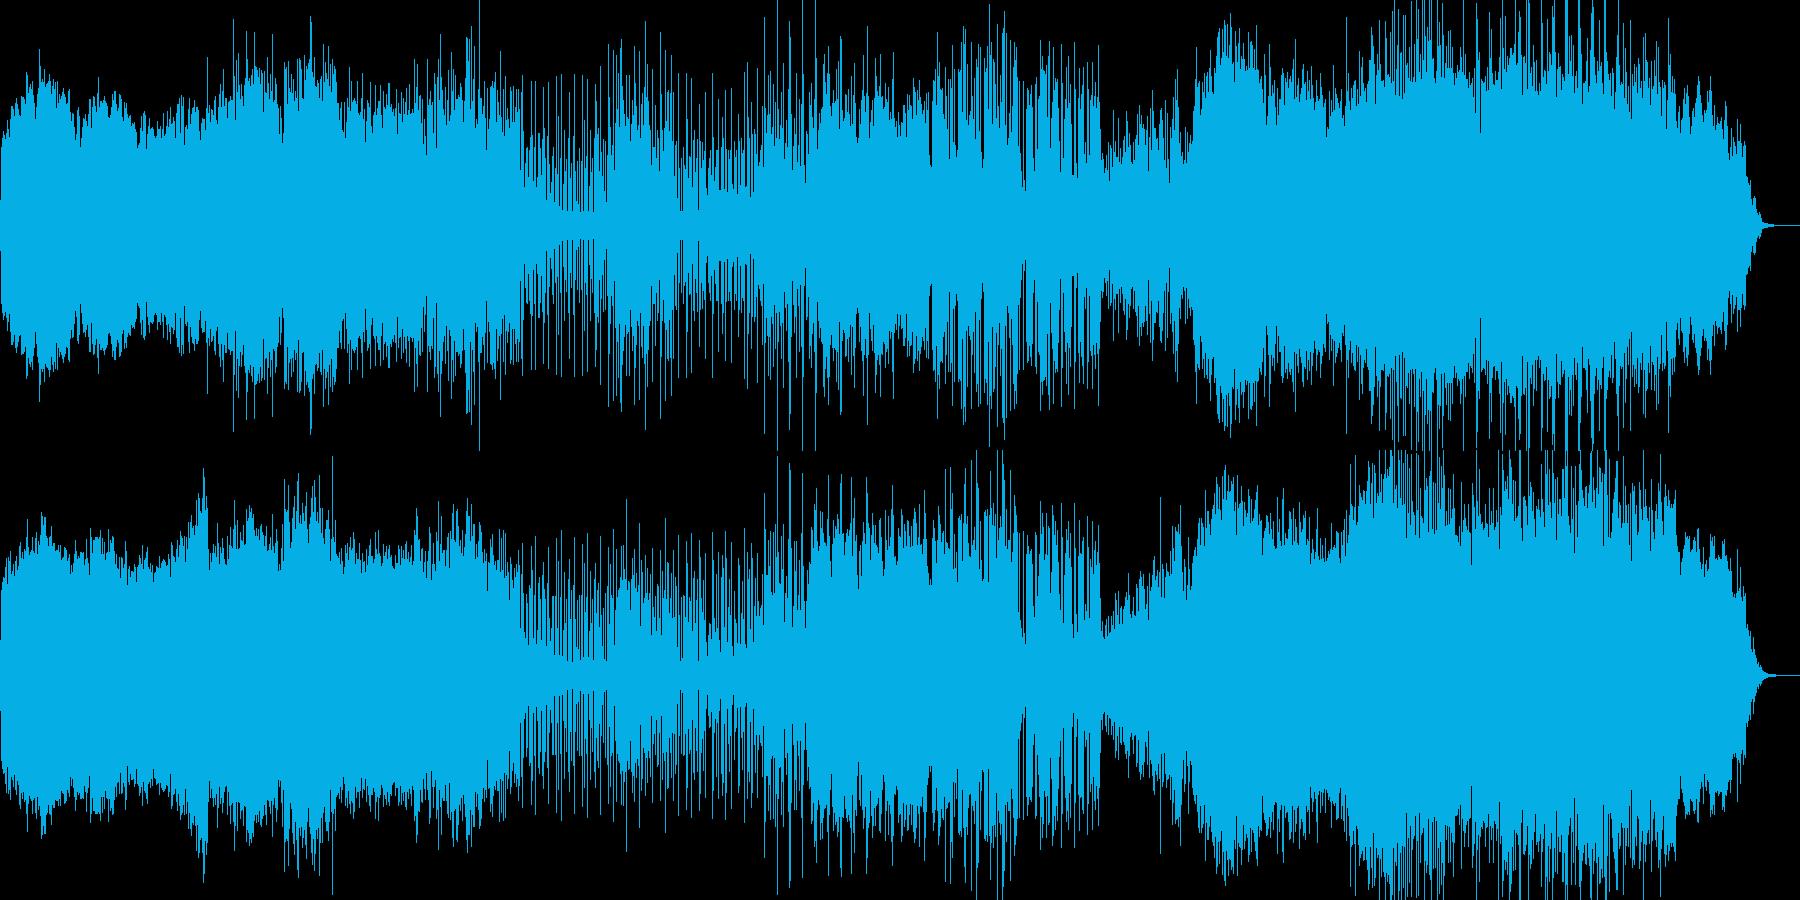 アンビエントポップー羅針盤の再生済みの波形